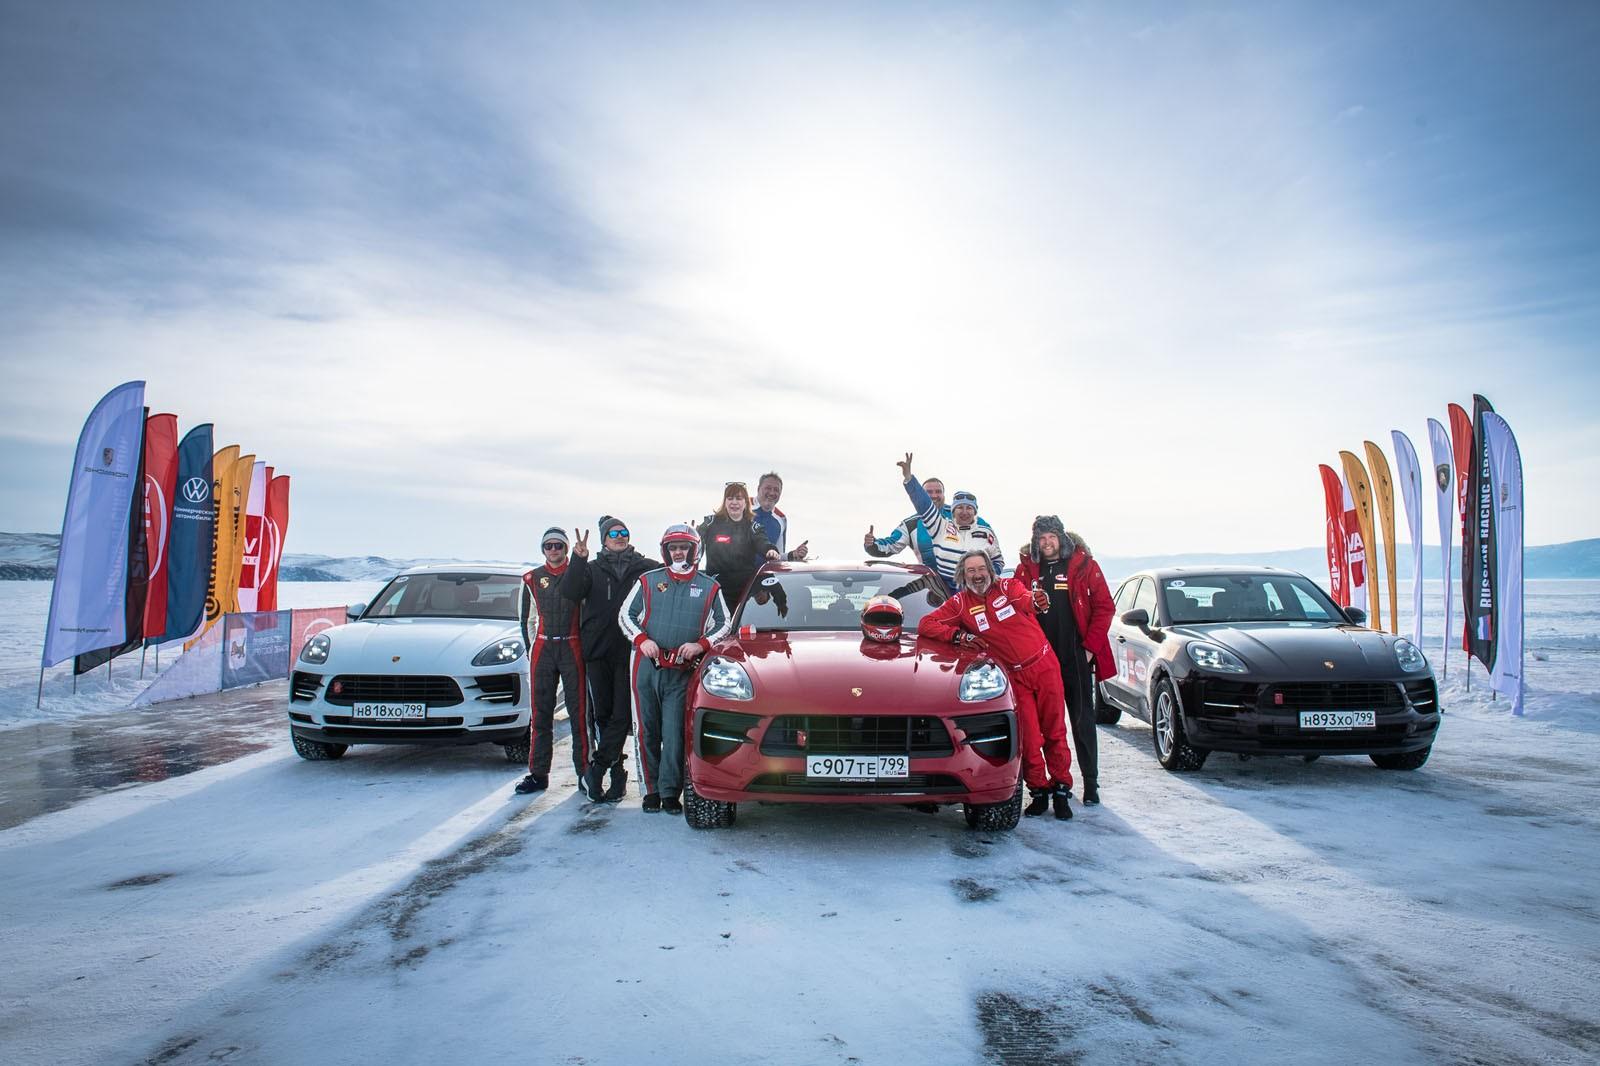 Шины Continental помогли установить 18 рекордов в ходе соревнований «Дни Скорости на льду Байкала»